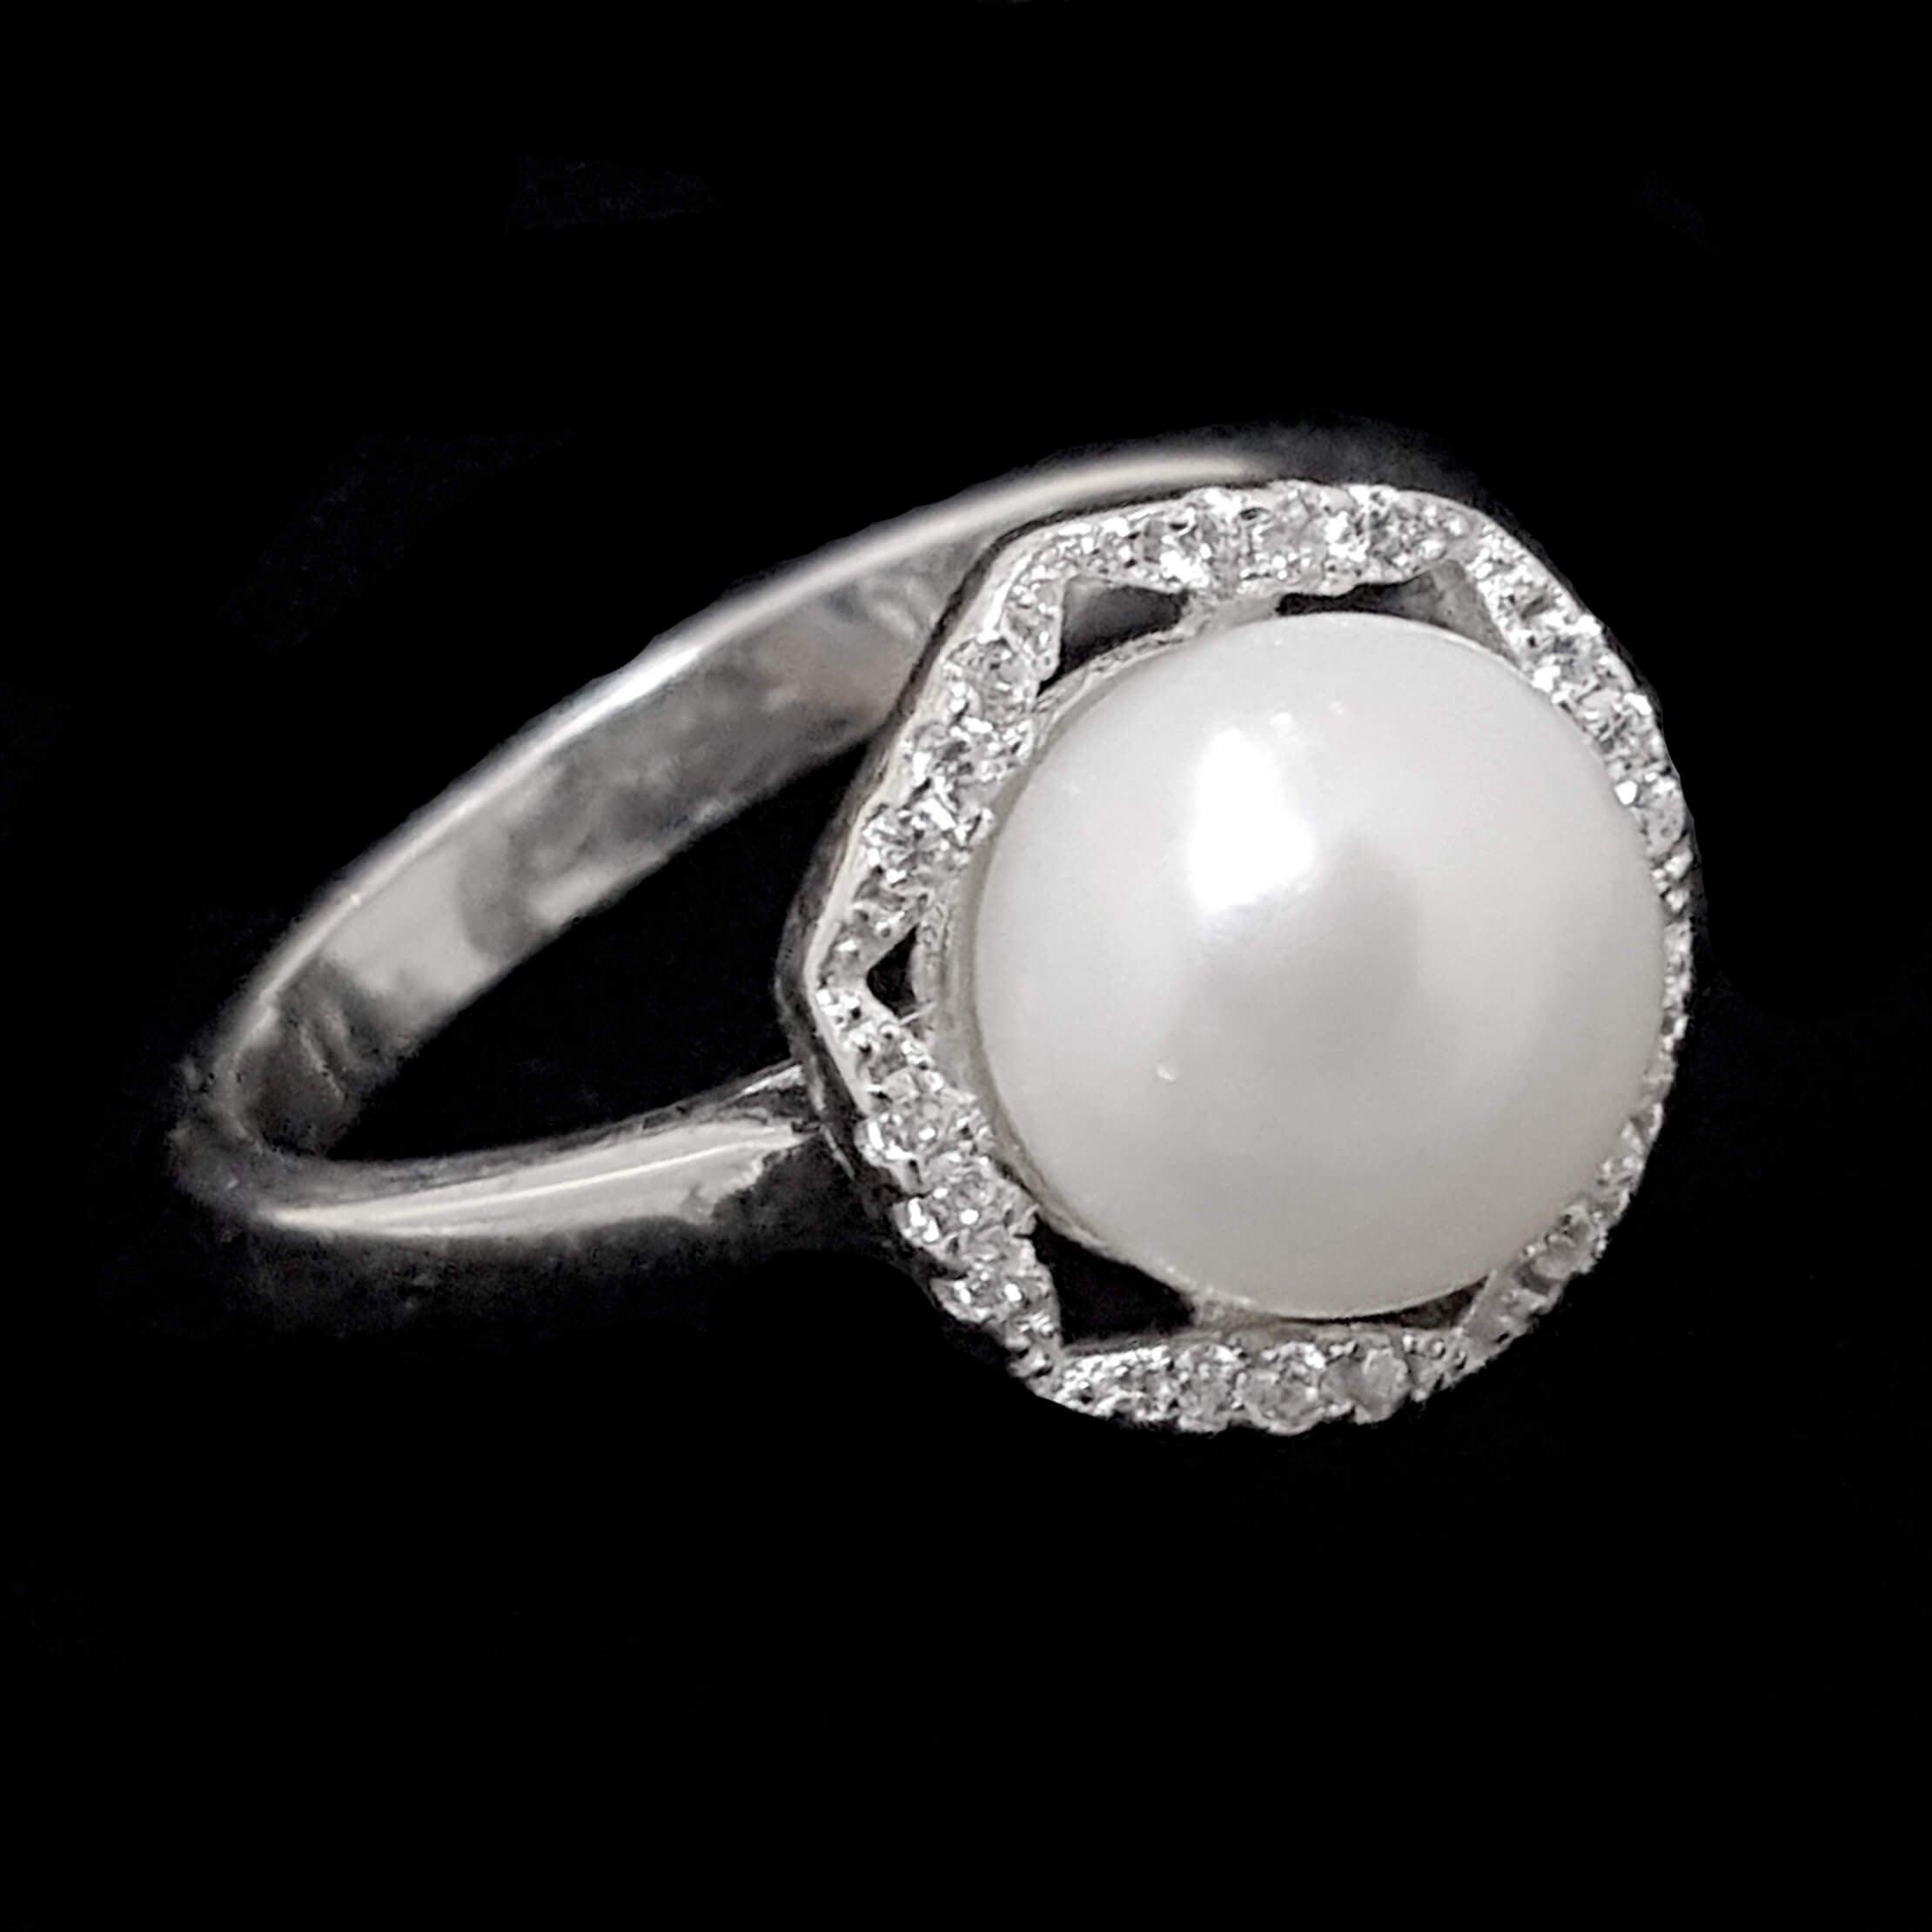 טבעת כסף משובצת פנינה לבנה וזרקונים RG6250 | תכשיטי כסף 925